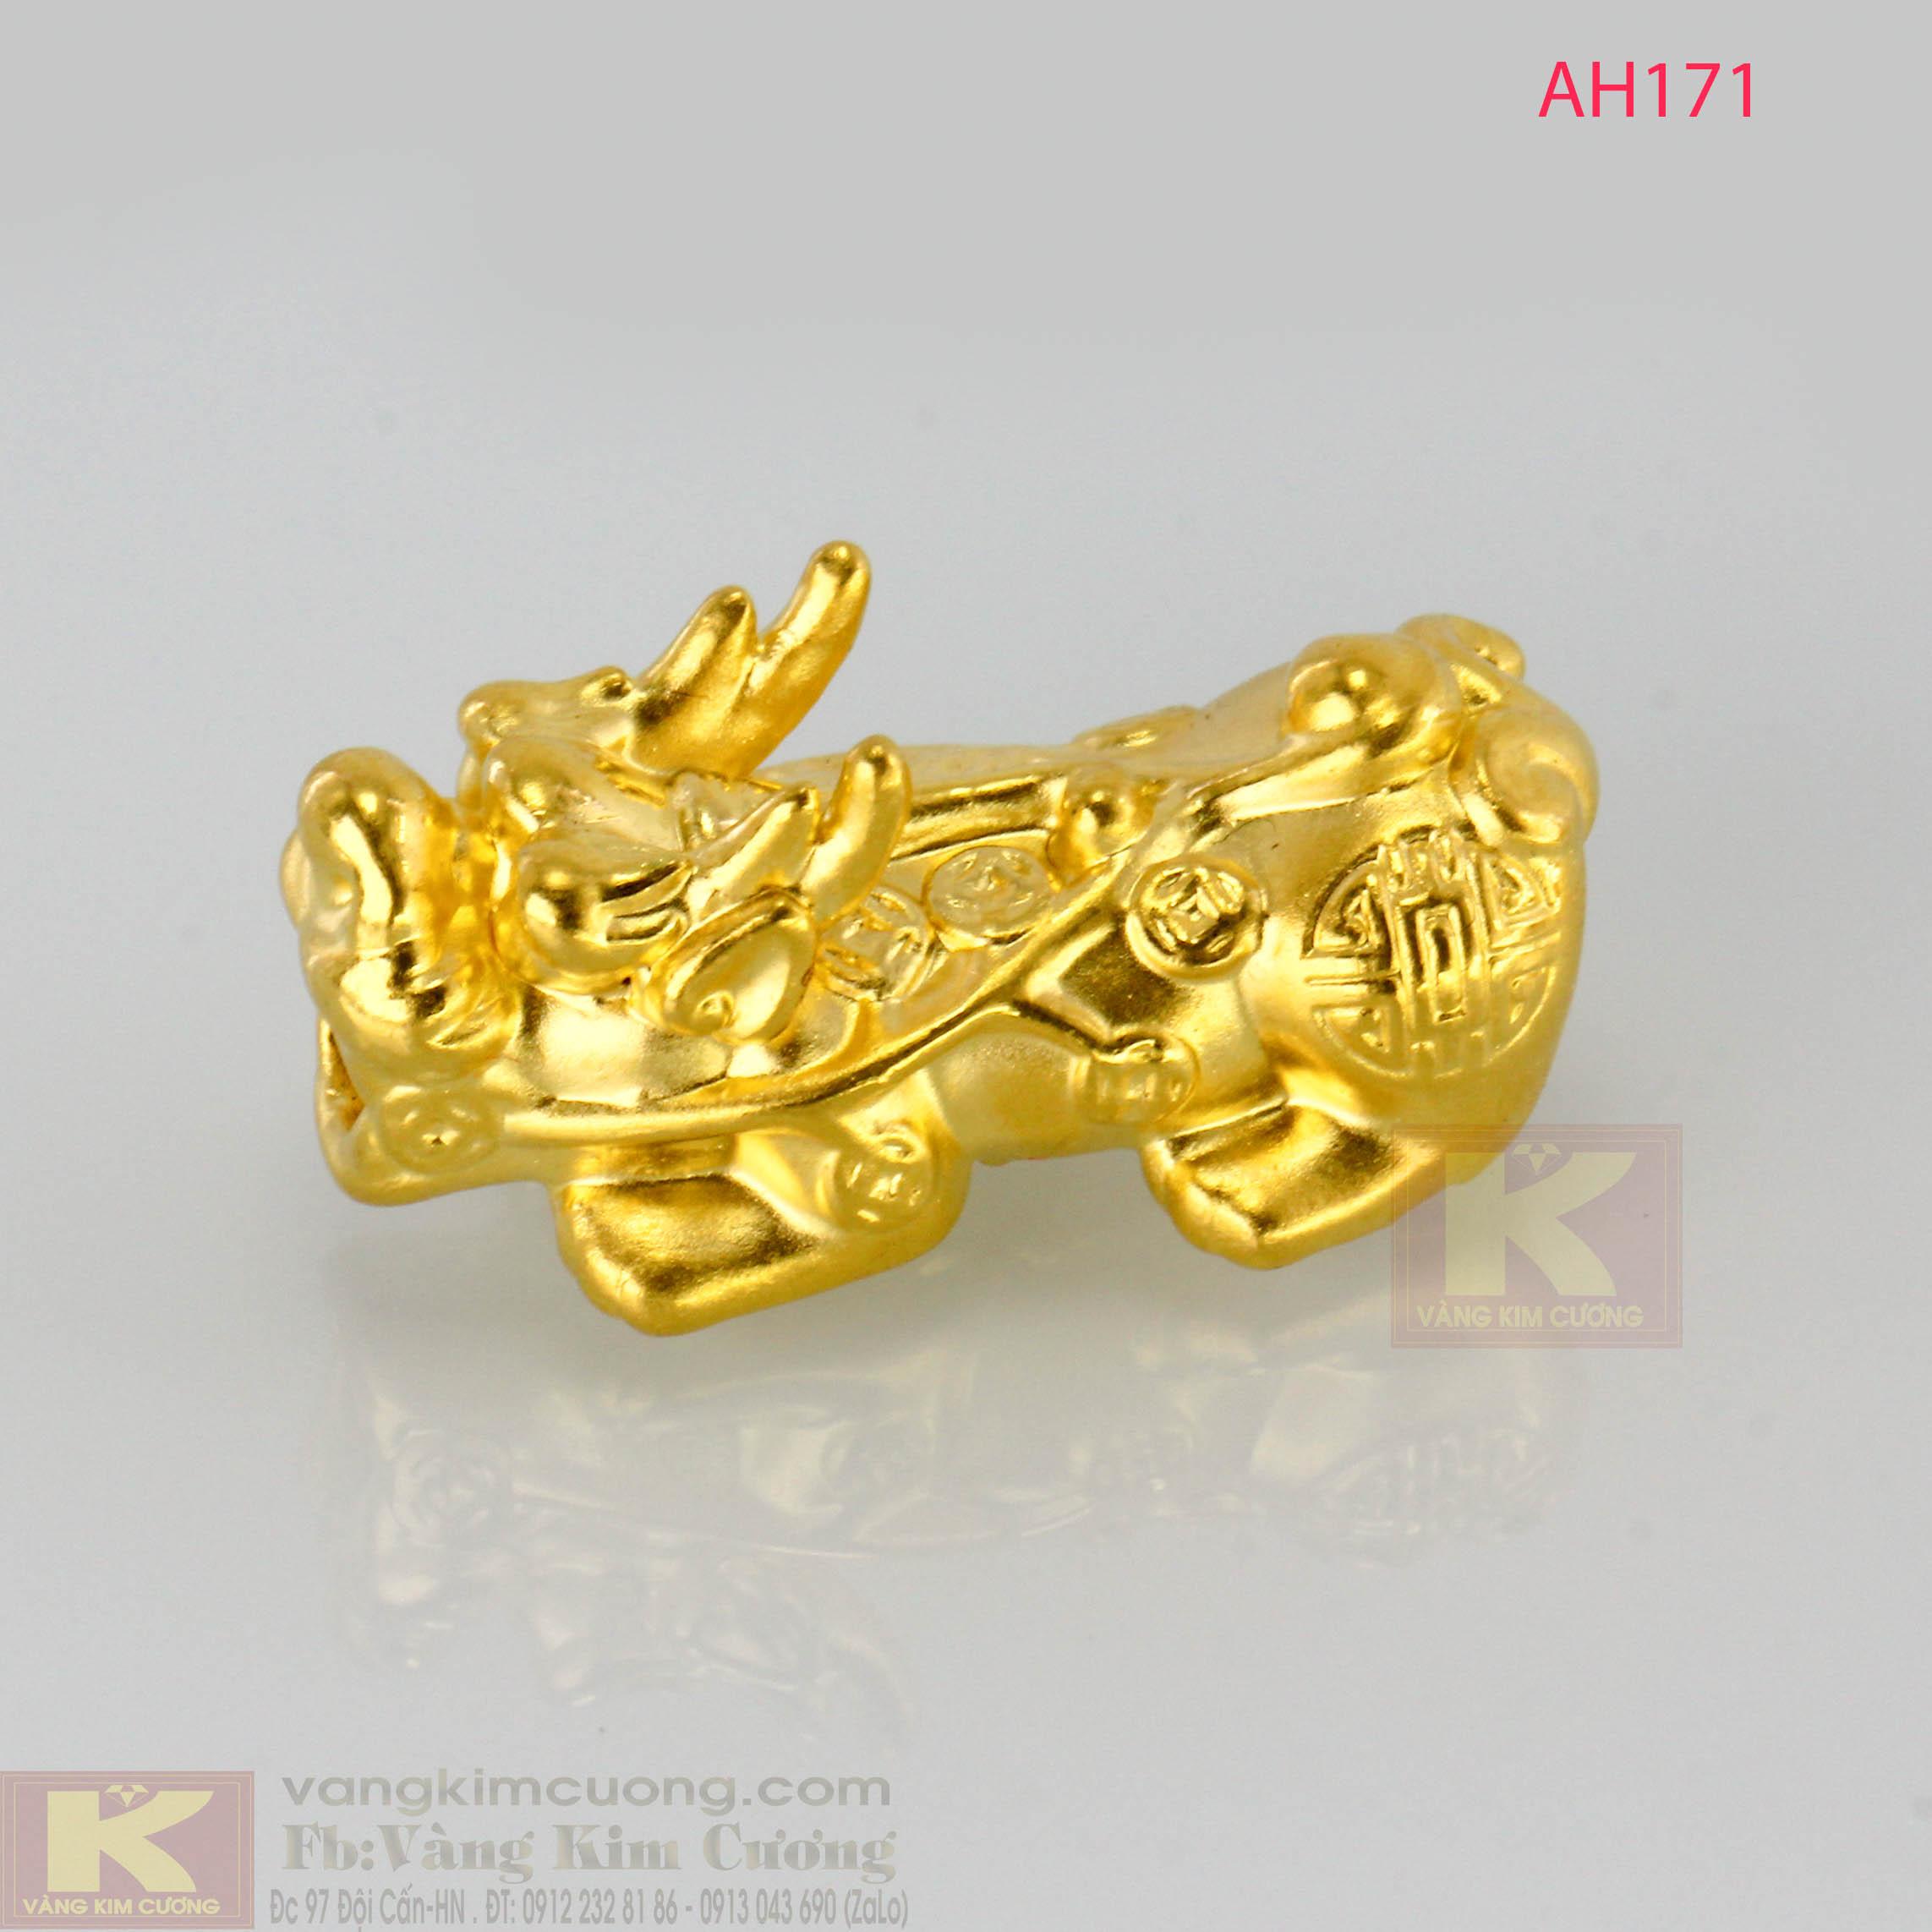 Tỳ hưu vàng 24k mã AH171